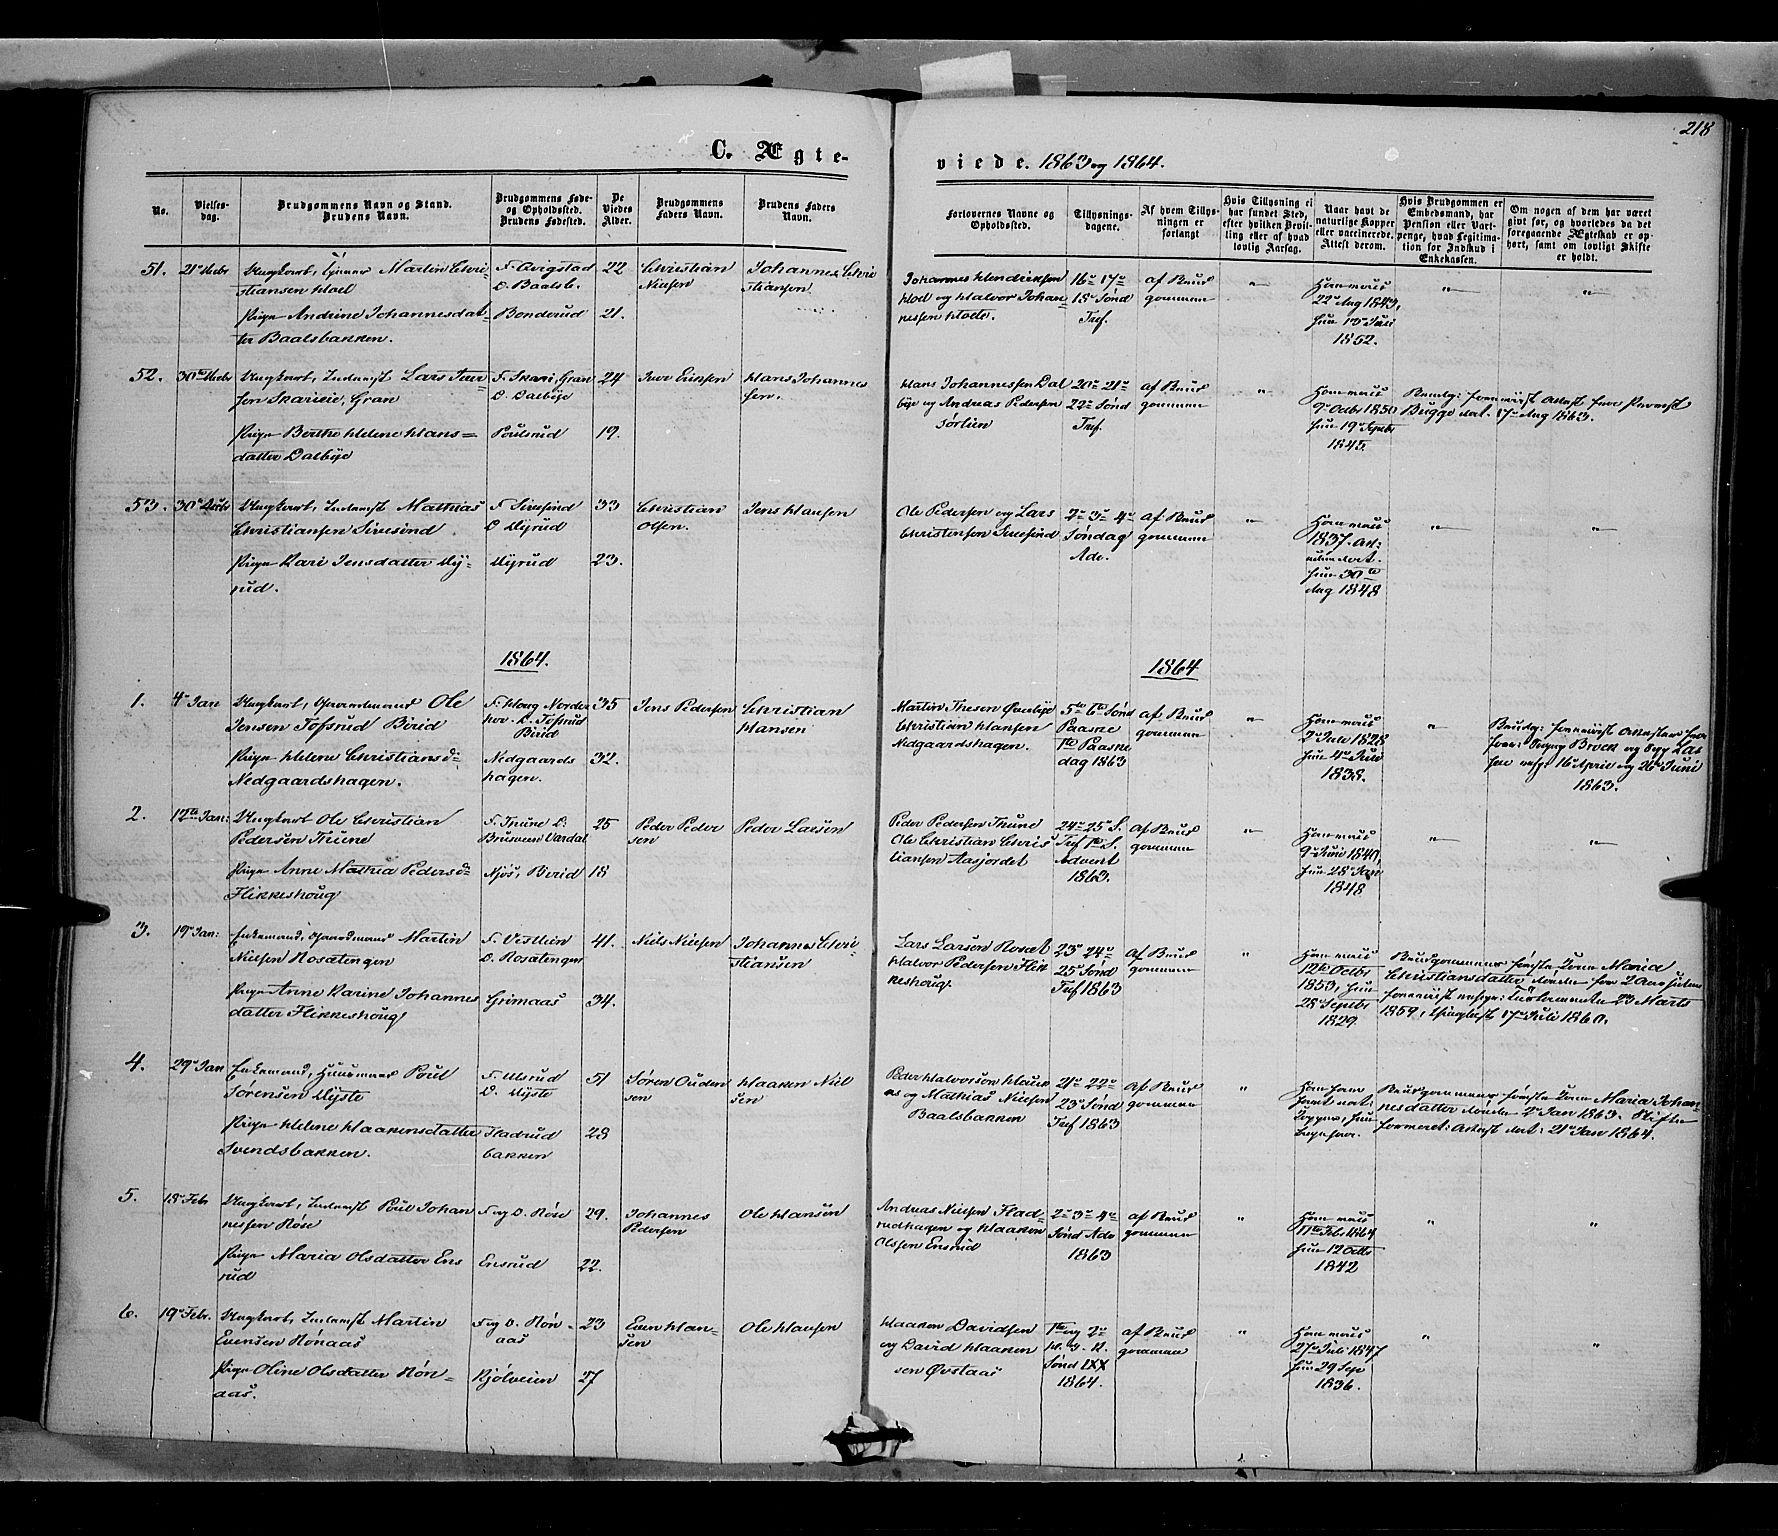 SAH, Vestre Toten prestekontor, Ministerialbok nr. 7, 1862-1869, s. 218